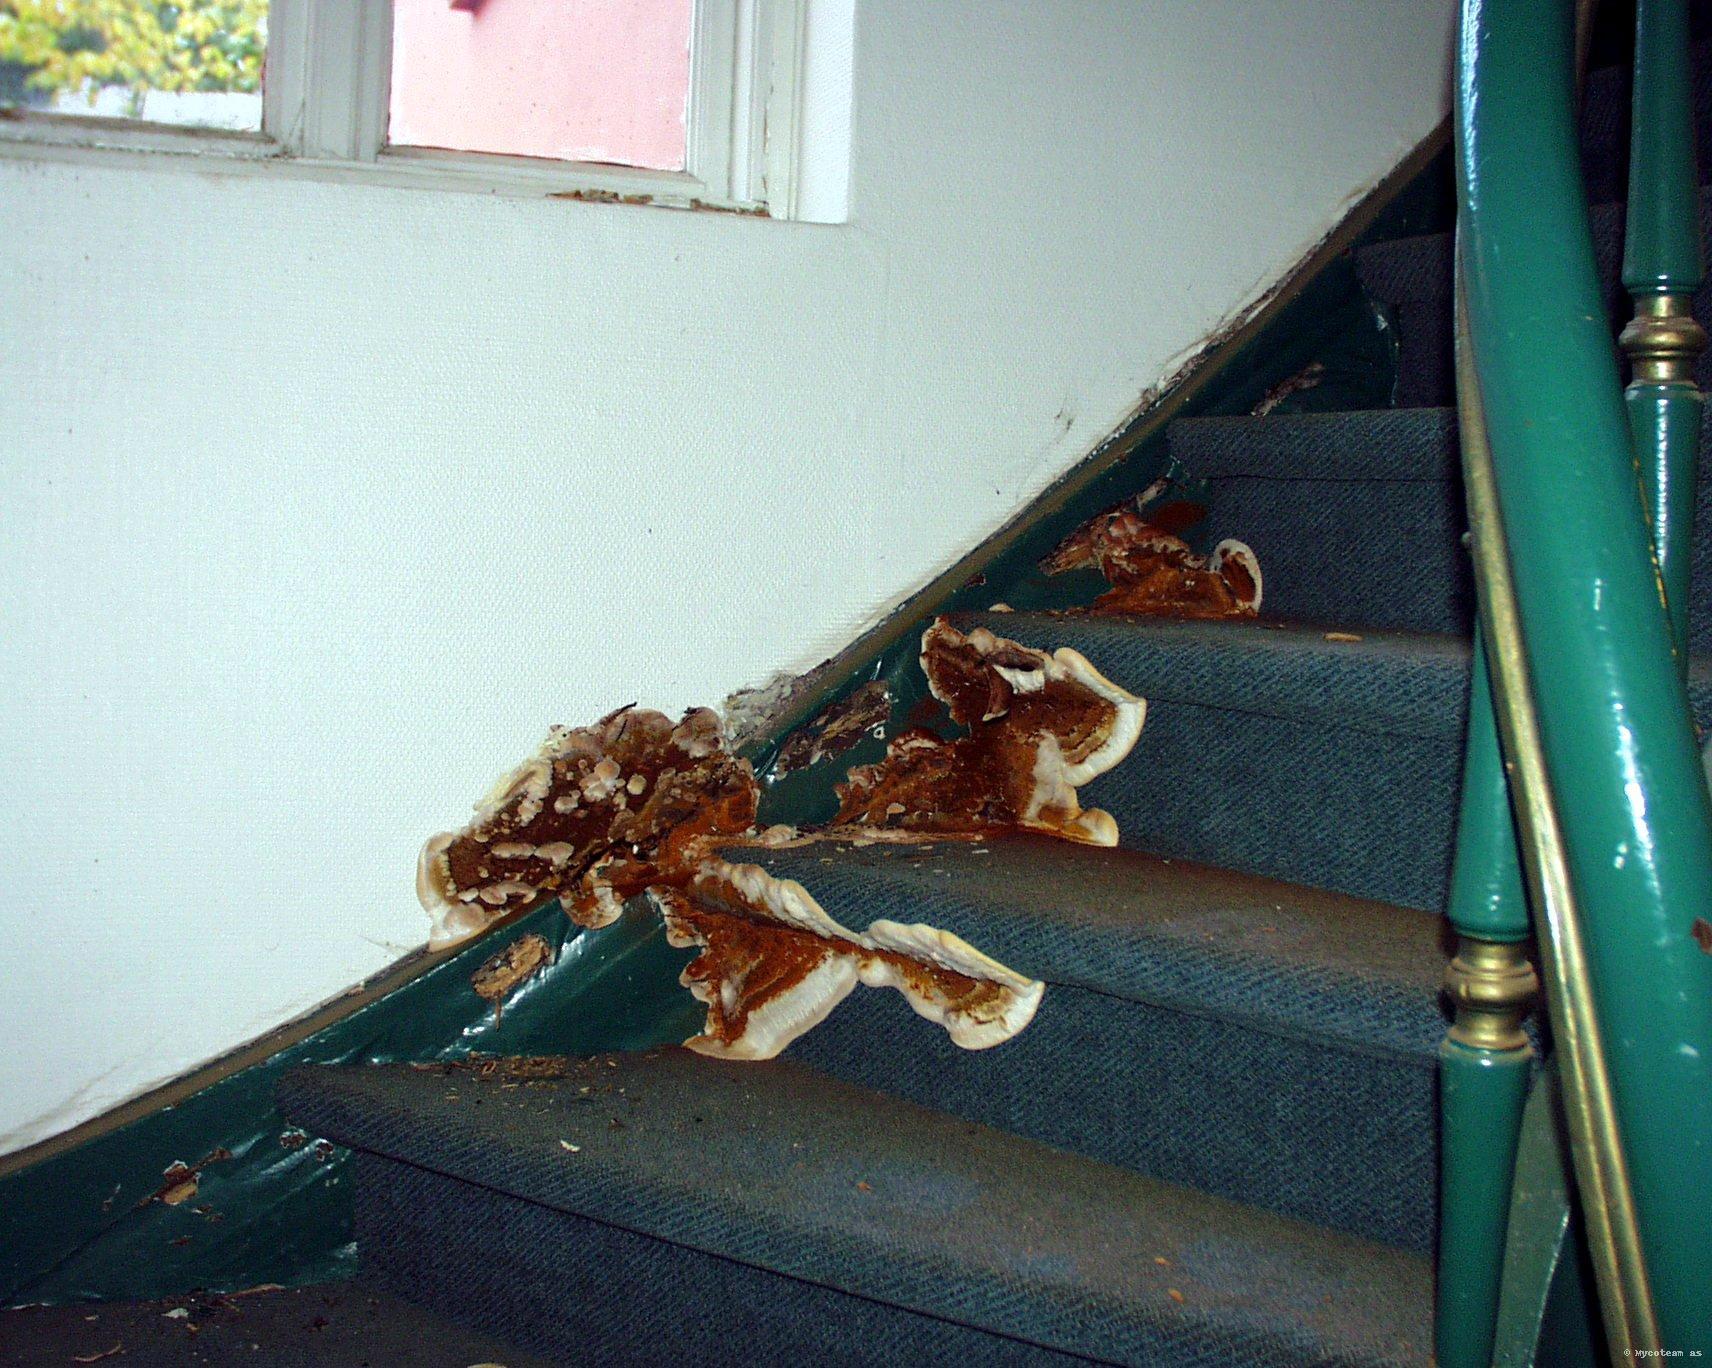 Et eksempel på angreb af hussvamp (Foto: Venligst udlånt af Mycoteam AS)